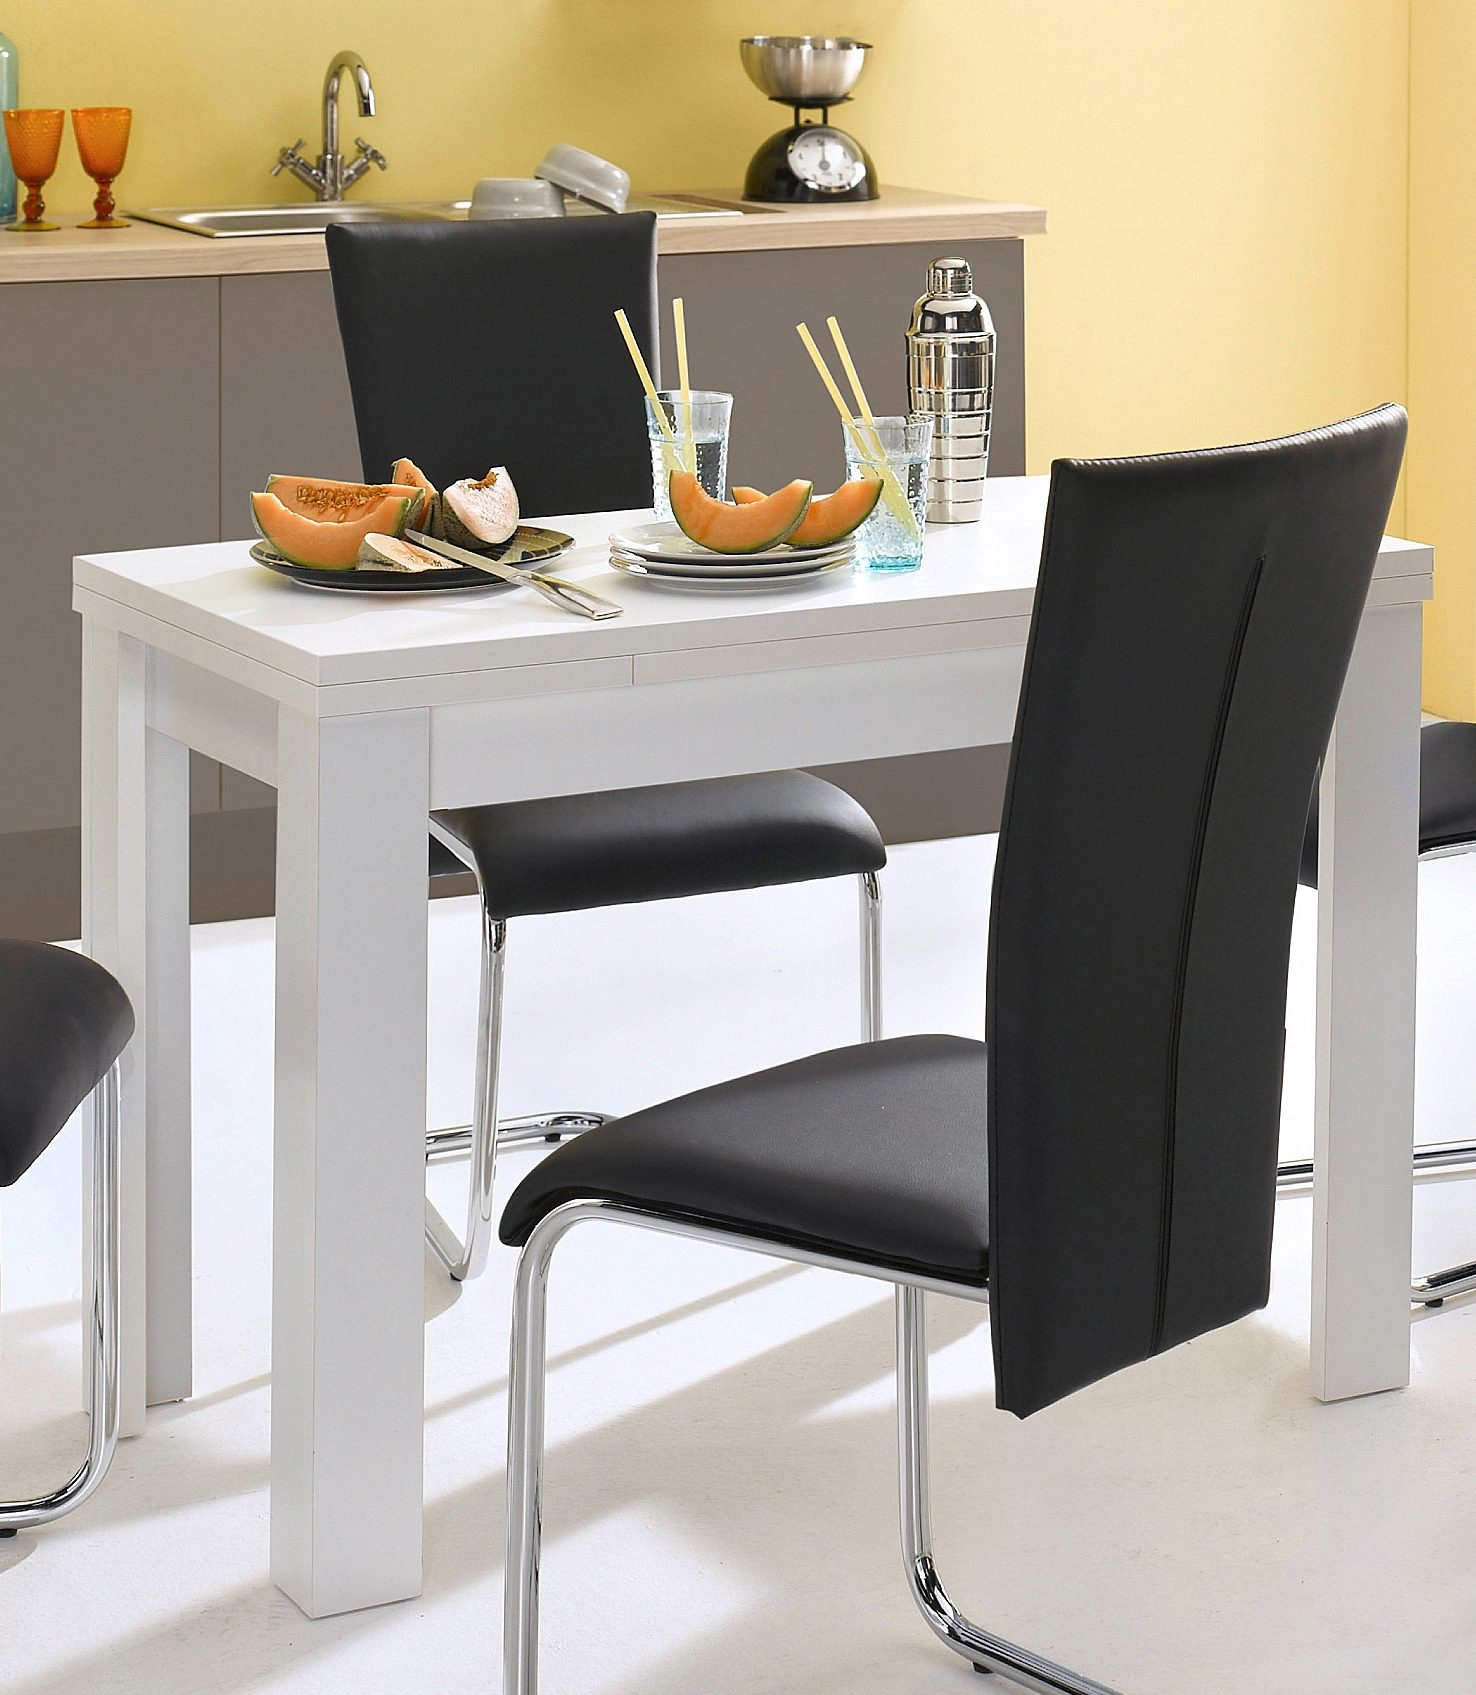 esstisch wei preisvergleich die besten angebote online kaufen. Black Bedroom Furniture Sets. Home Design Ideas